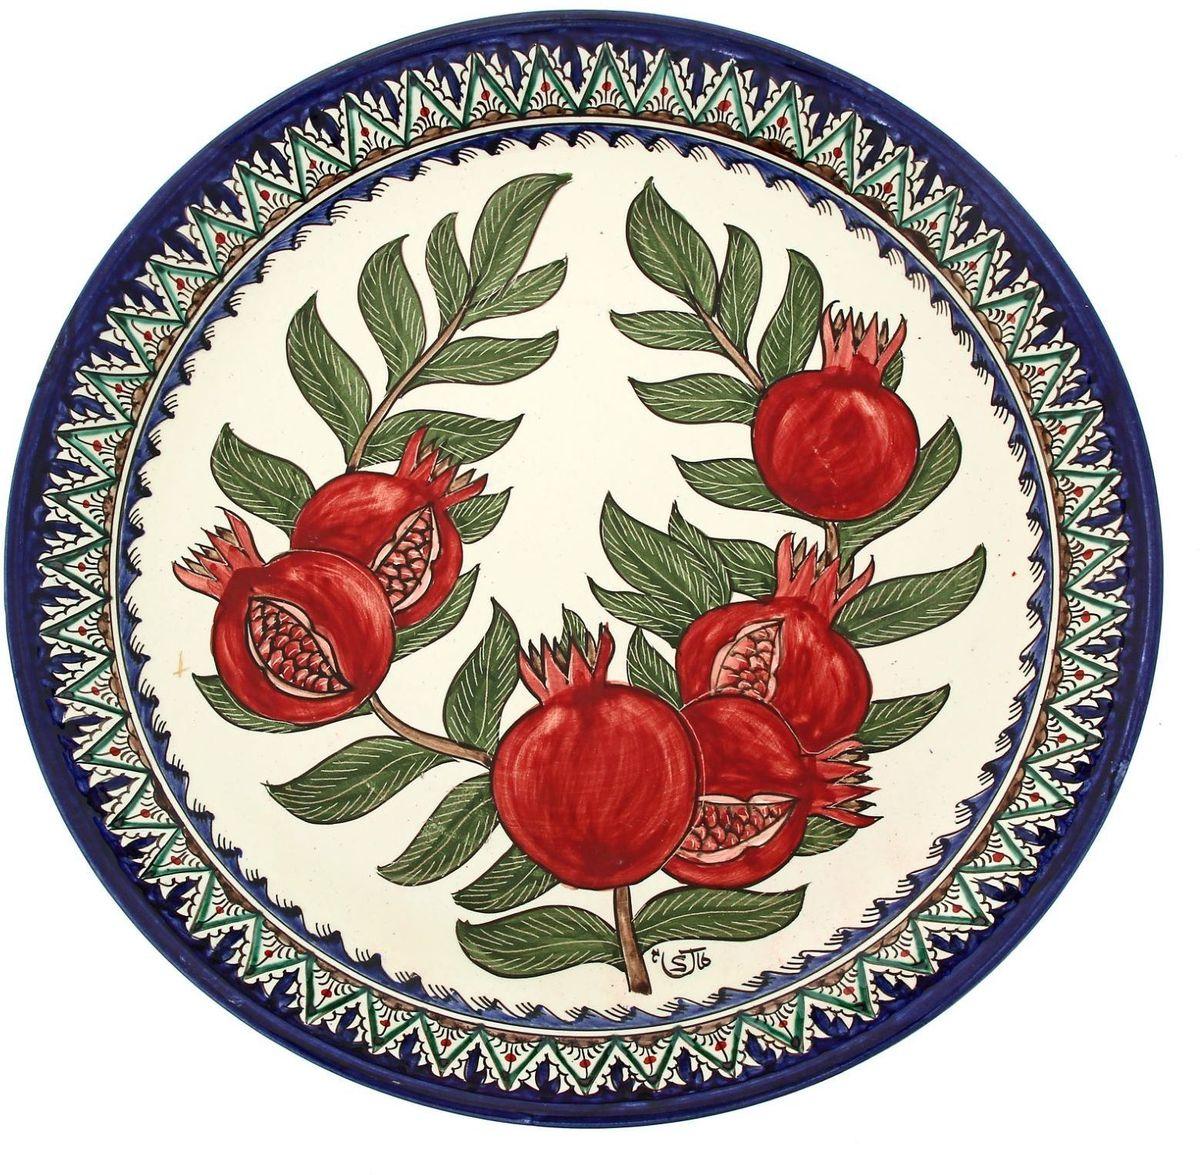 Ляган Риштанская керамика Гранаты, диаметр 36 см. 19242151924215Ляган — это не просто обеденный атрибут, это украшение стола. Посуда с национальной росписью станет отменным подарком для ценителей высокородной посуды.Риштан — город на востоке Узбекистана, один из древнейших в Ферганской долине. С давних времён Риштан славится своим гончарным искусством изготовления цветной керамики. Красноватую глину для изделия добывают в самом городе. Мастера утверждают, что их глина настолько высокого качества, что даже не нуждается в предварительной обработке. Дополните коллекцию кухонных аксессуаров пряными восточными нотами.